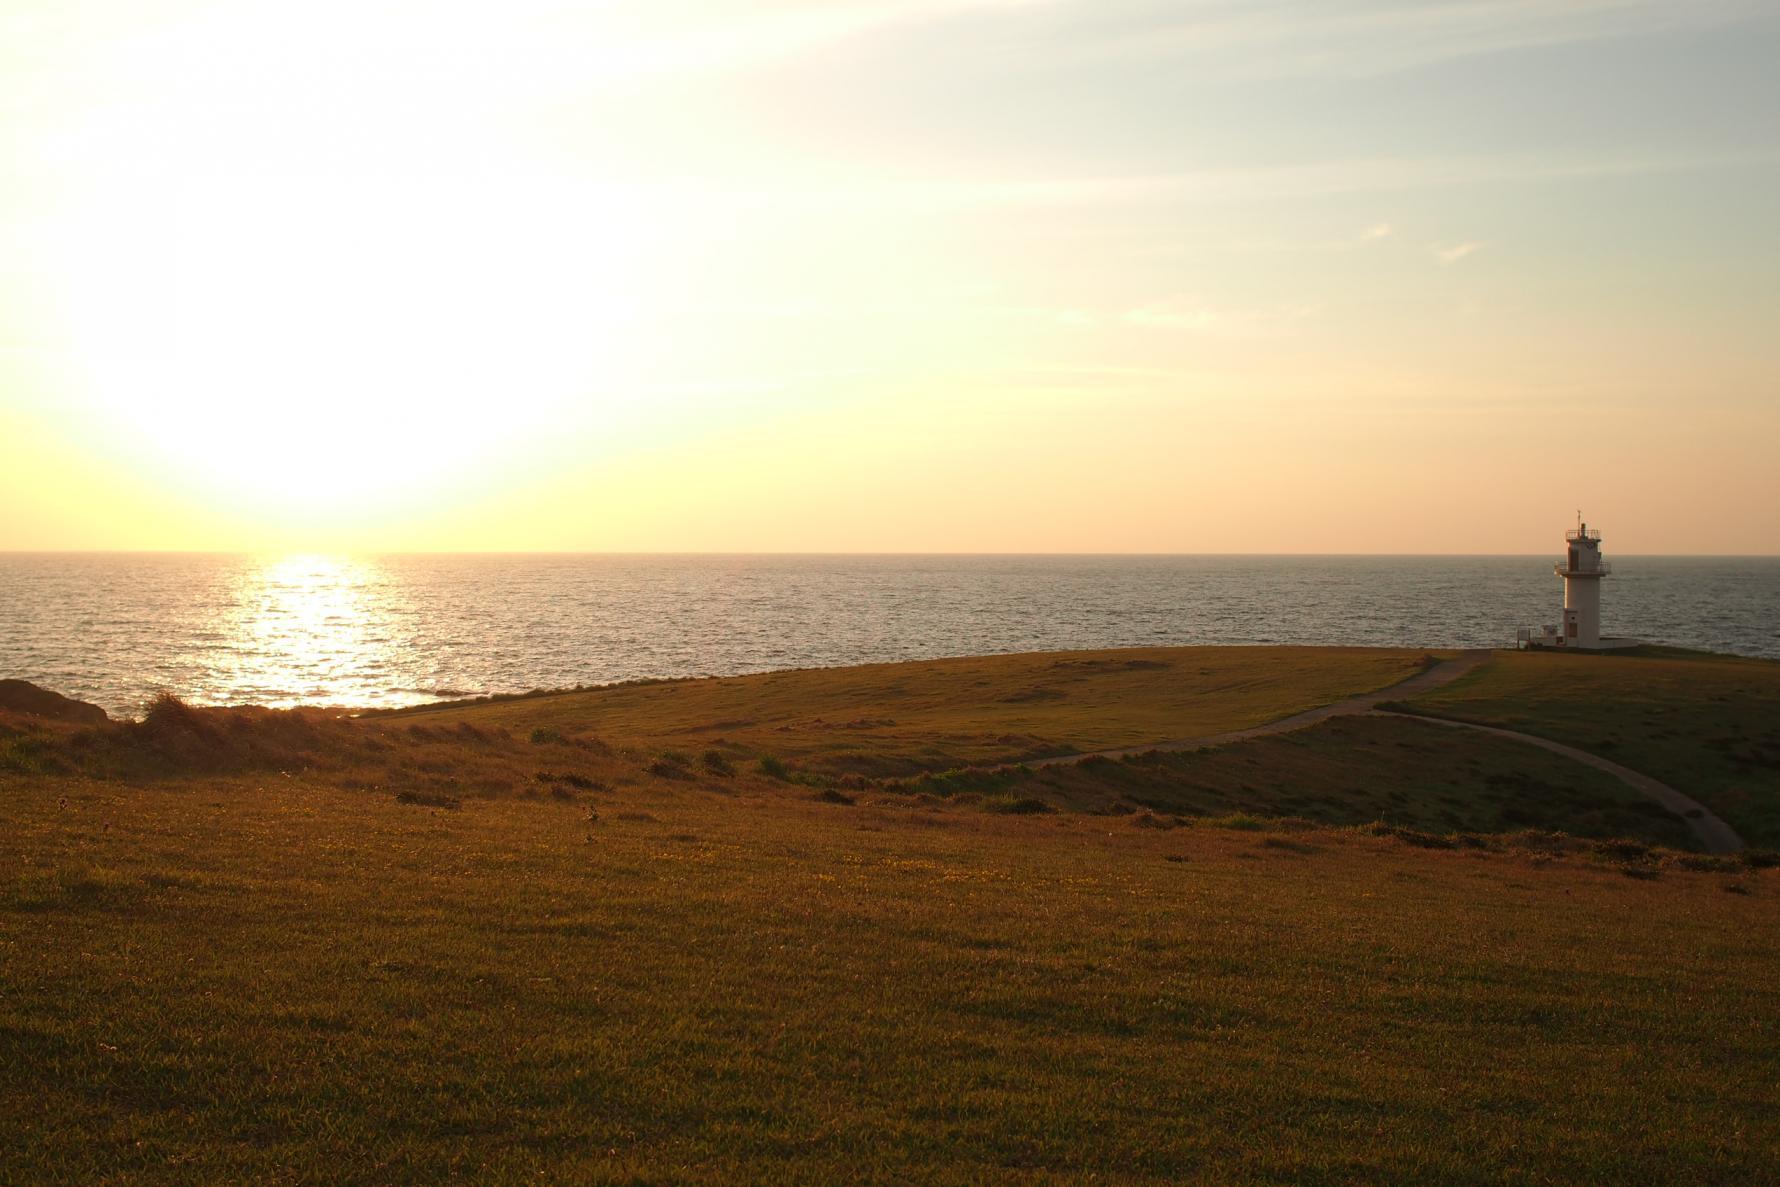 ここは海外か!? のどかな時間と豊かな自然が楽しめる「非日常の島」へ -7